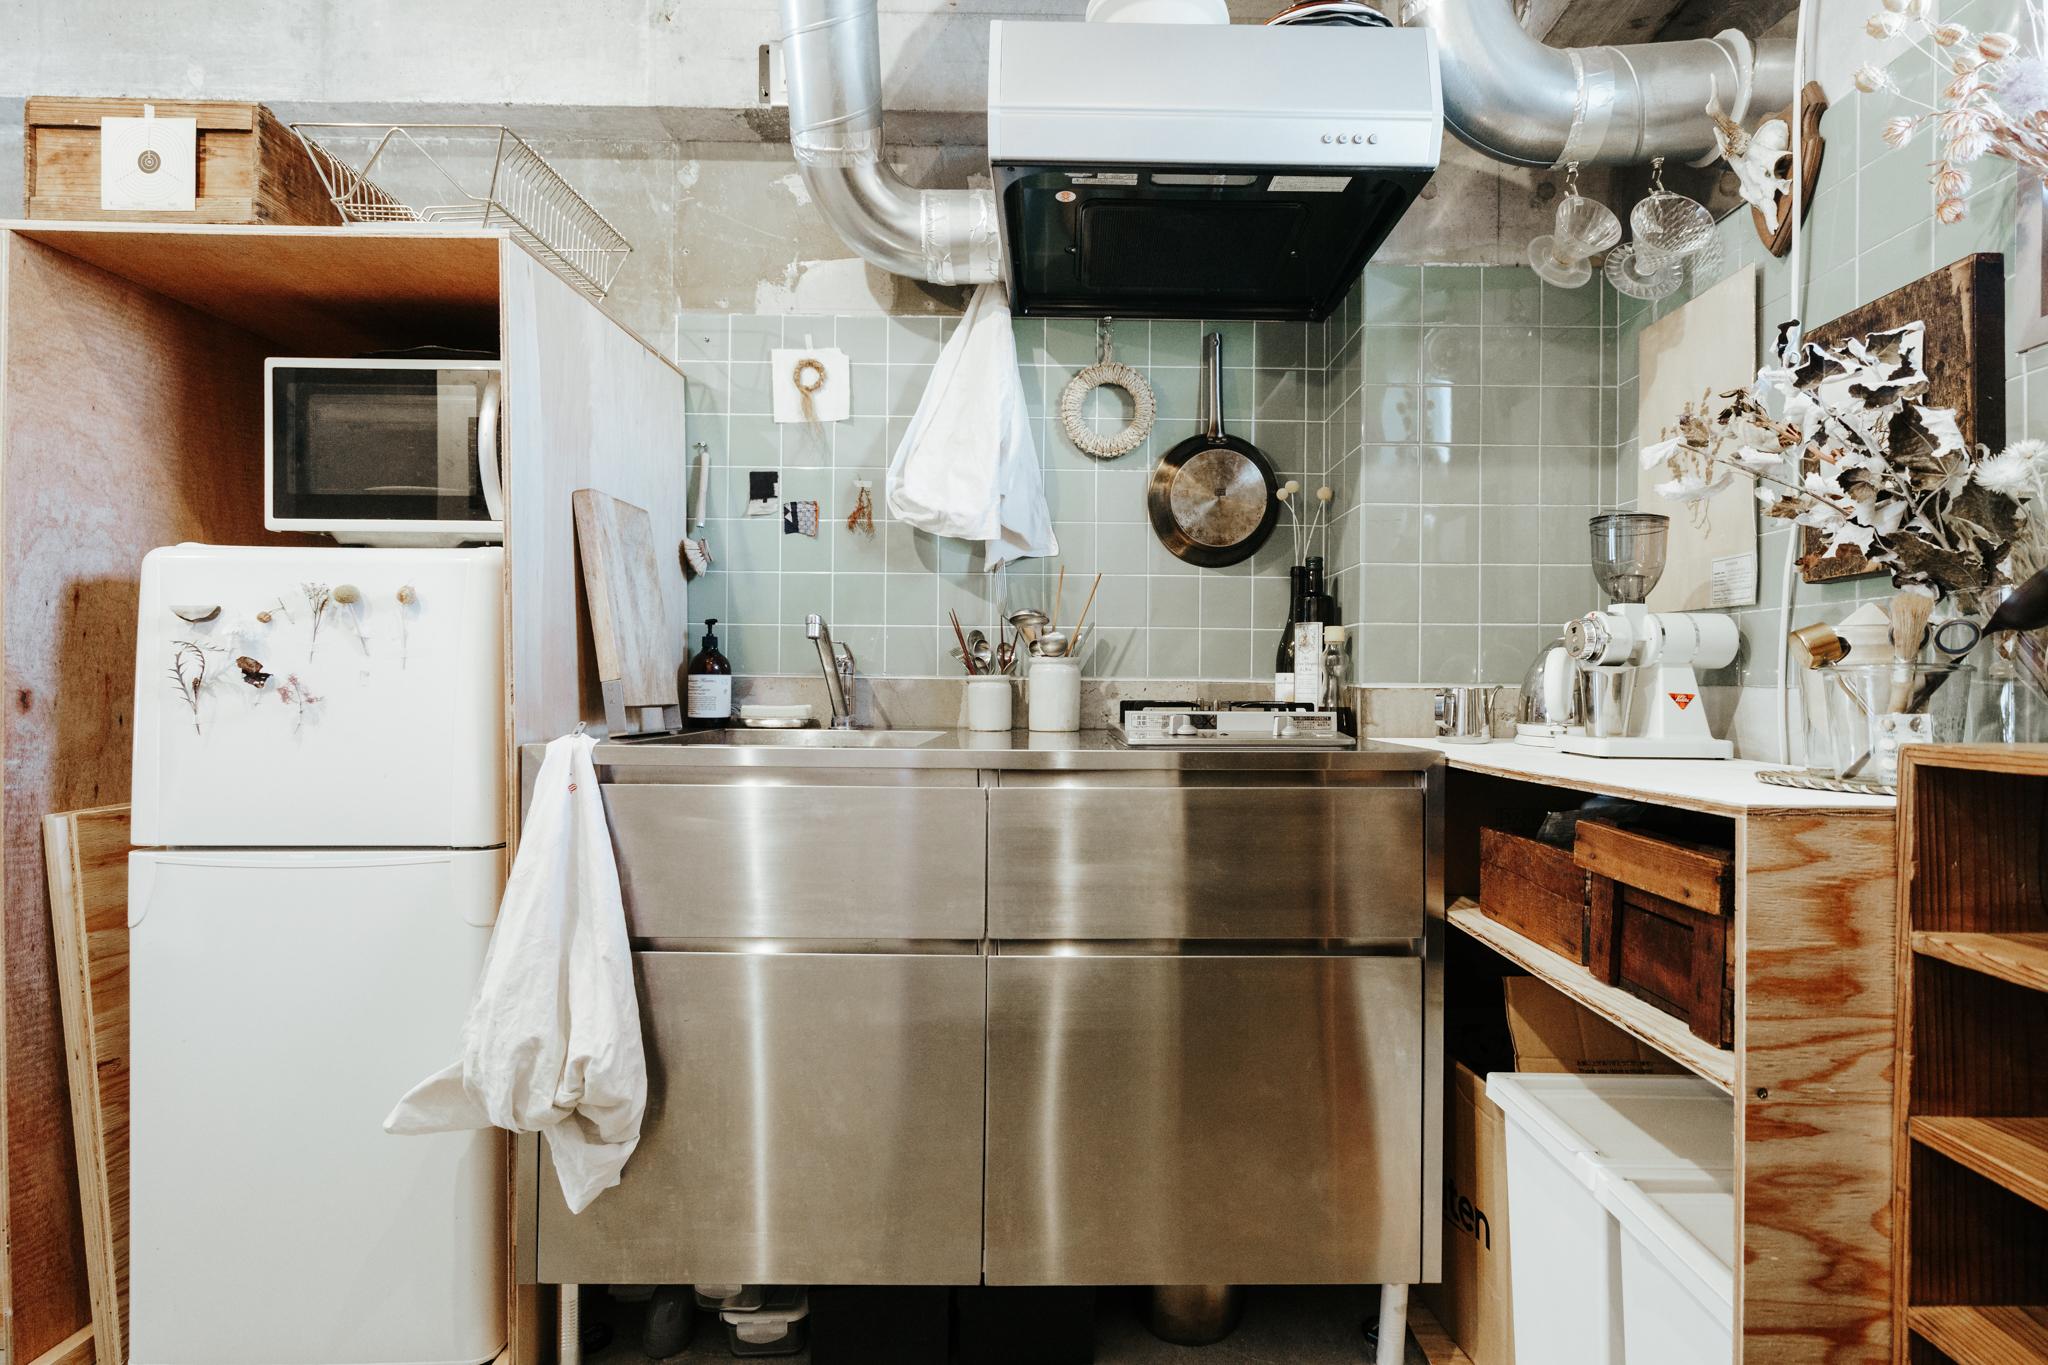 シンプルなステンレスキッチンの周りには、自分で木の板を使って作った作業台などを合わせています。